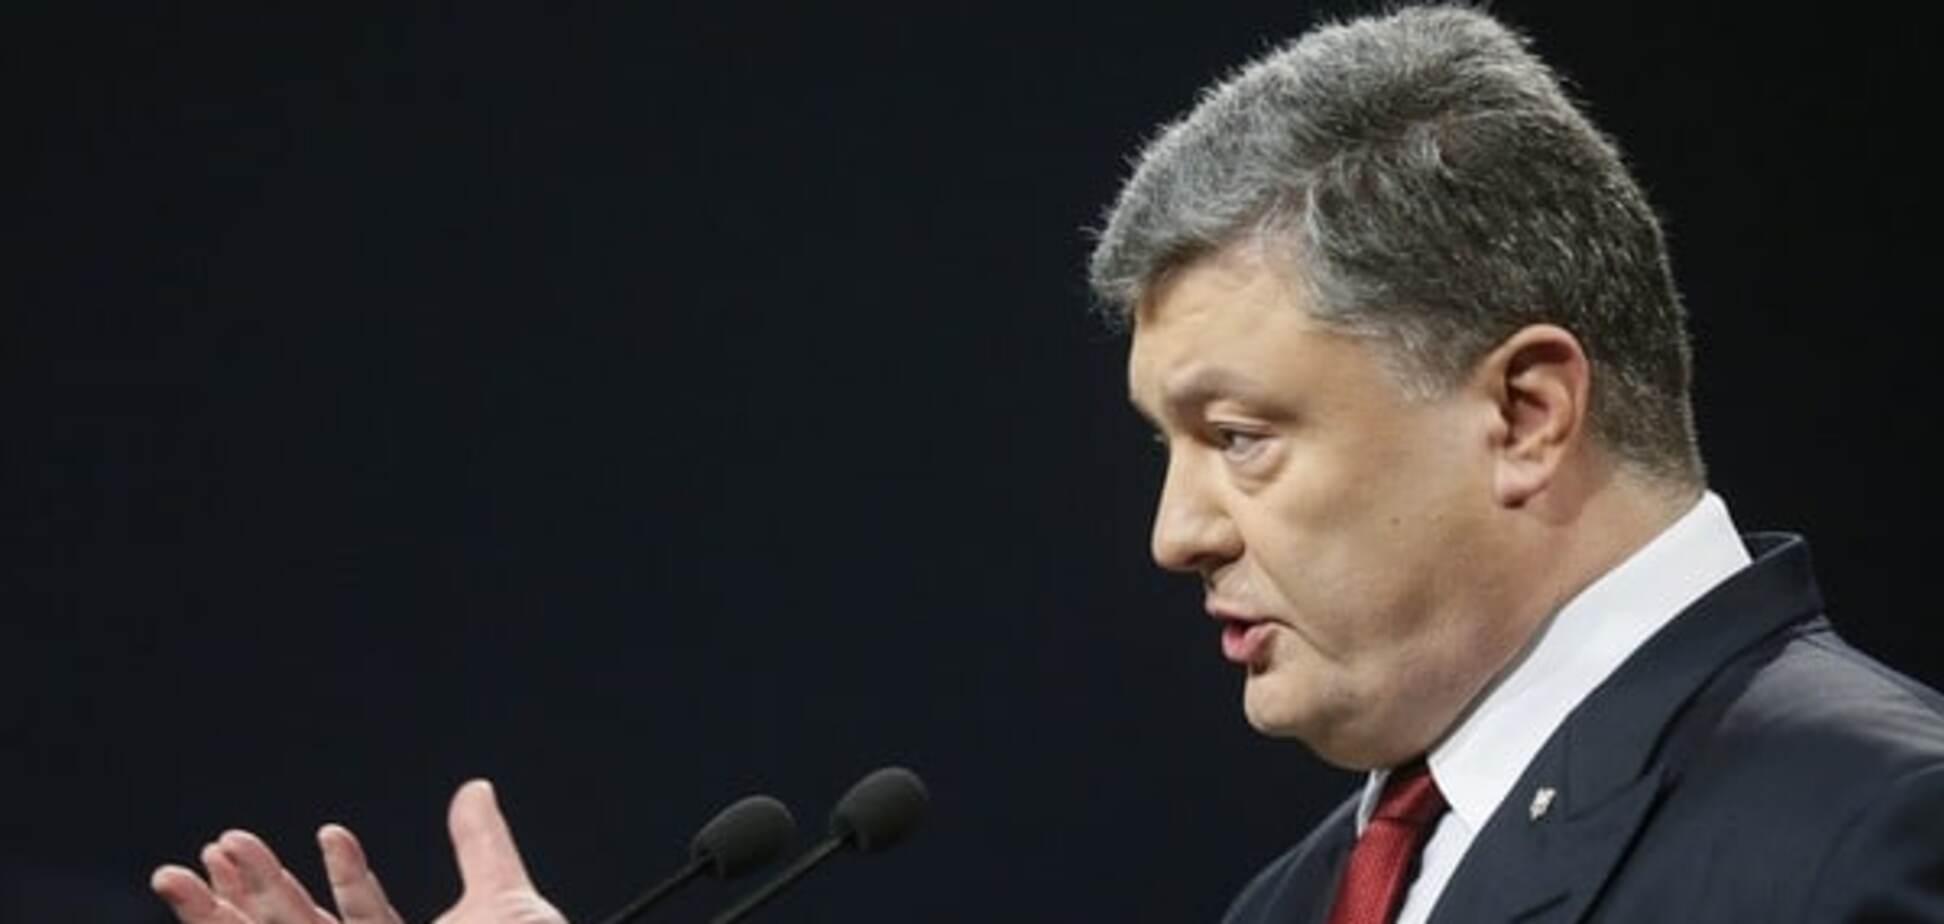 Больше никаких пацифистских иллюзий: Порошенко озвучил число погибших военных на Донбассе